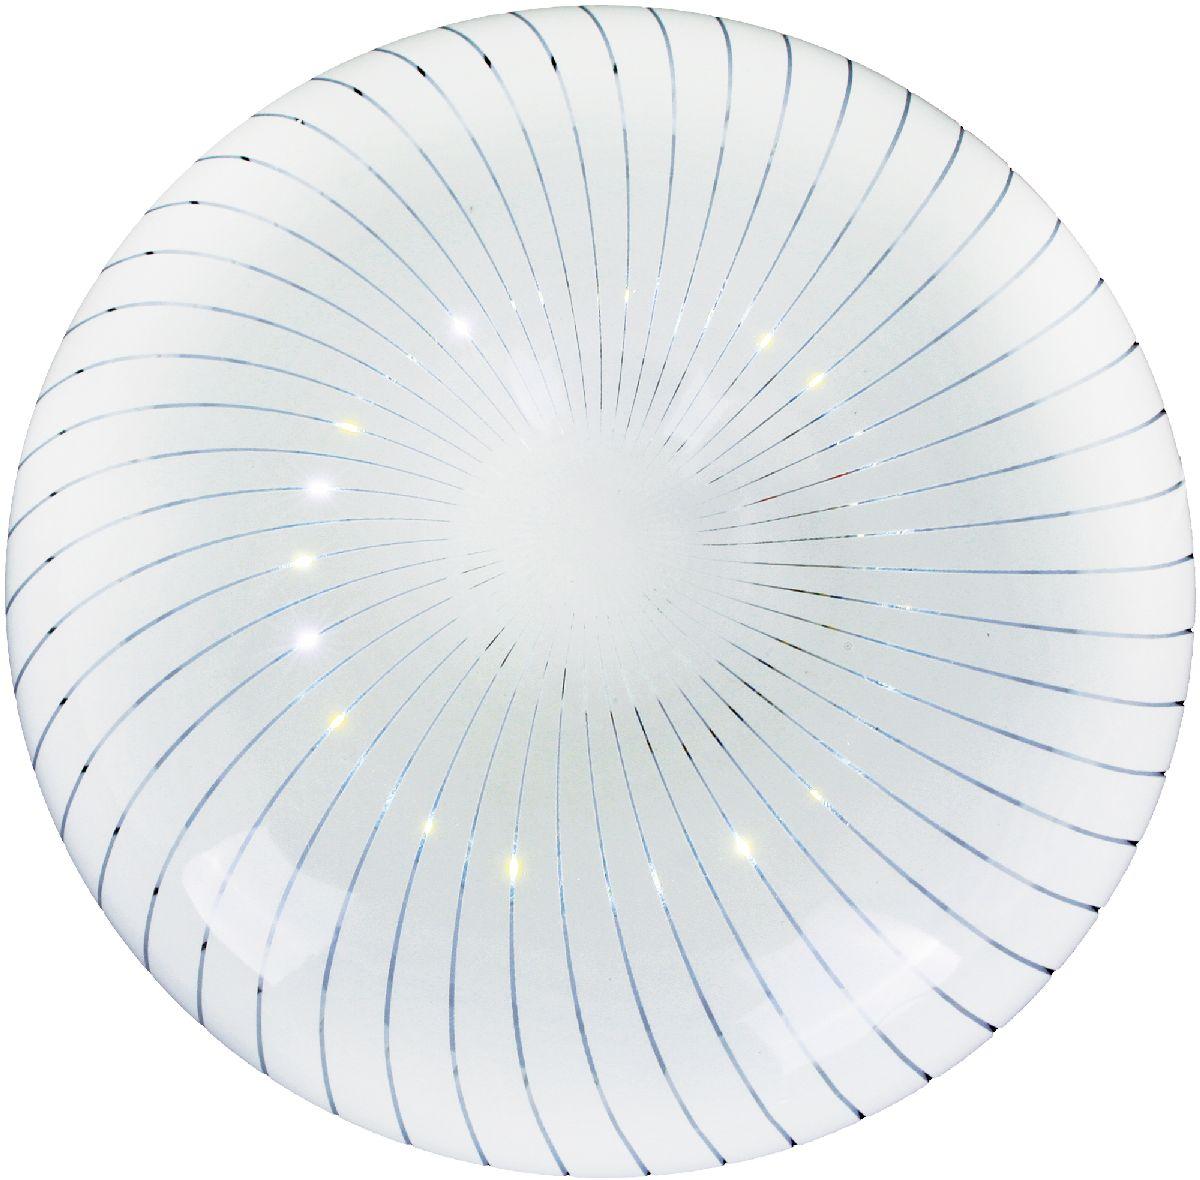 Светильник настенно-потолочный Camelion LBS-0702, LED, 18W, 4500K. 1268912689